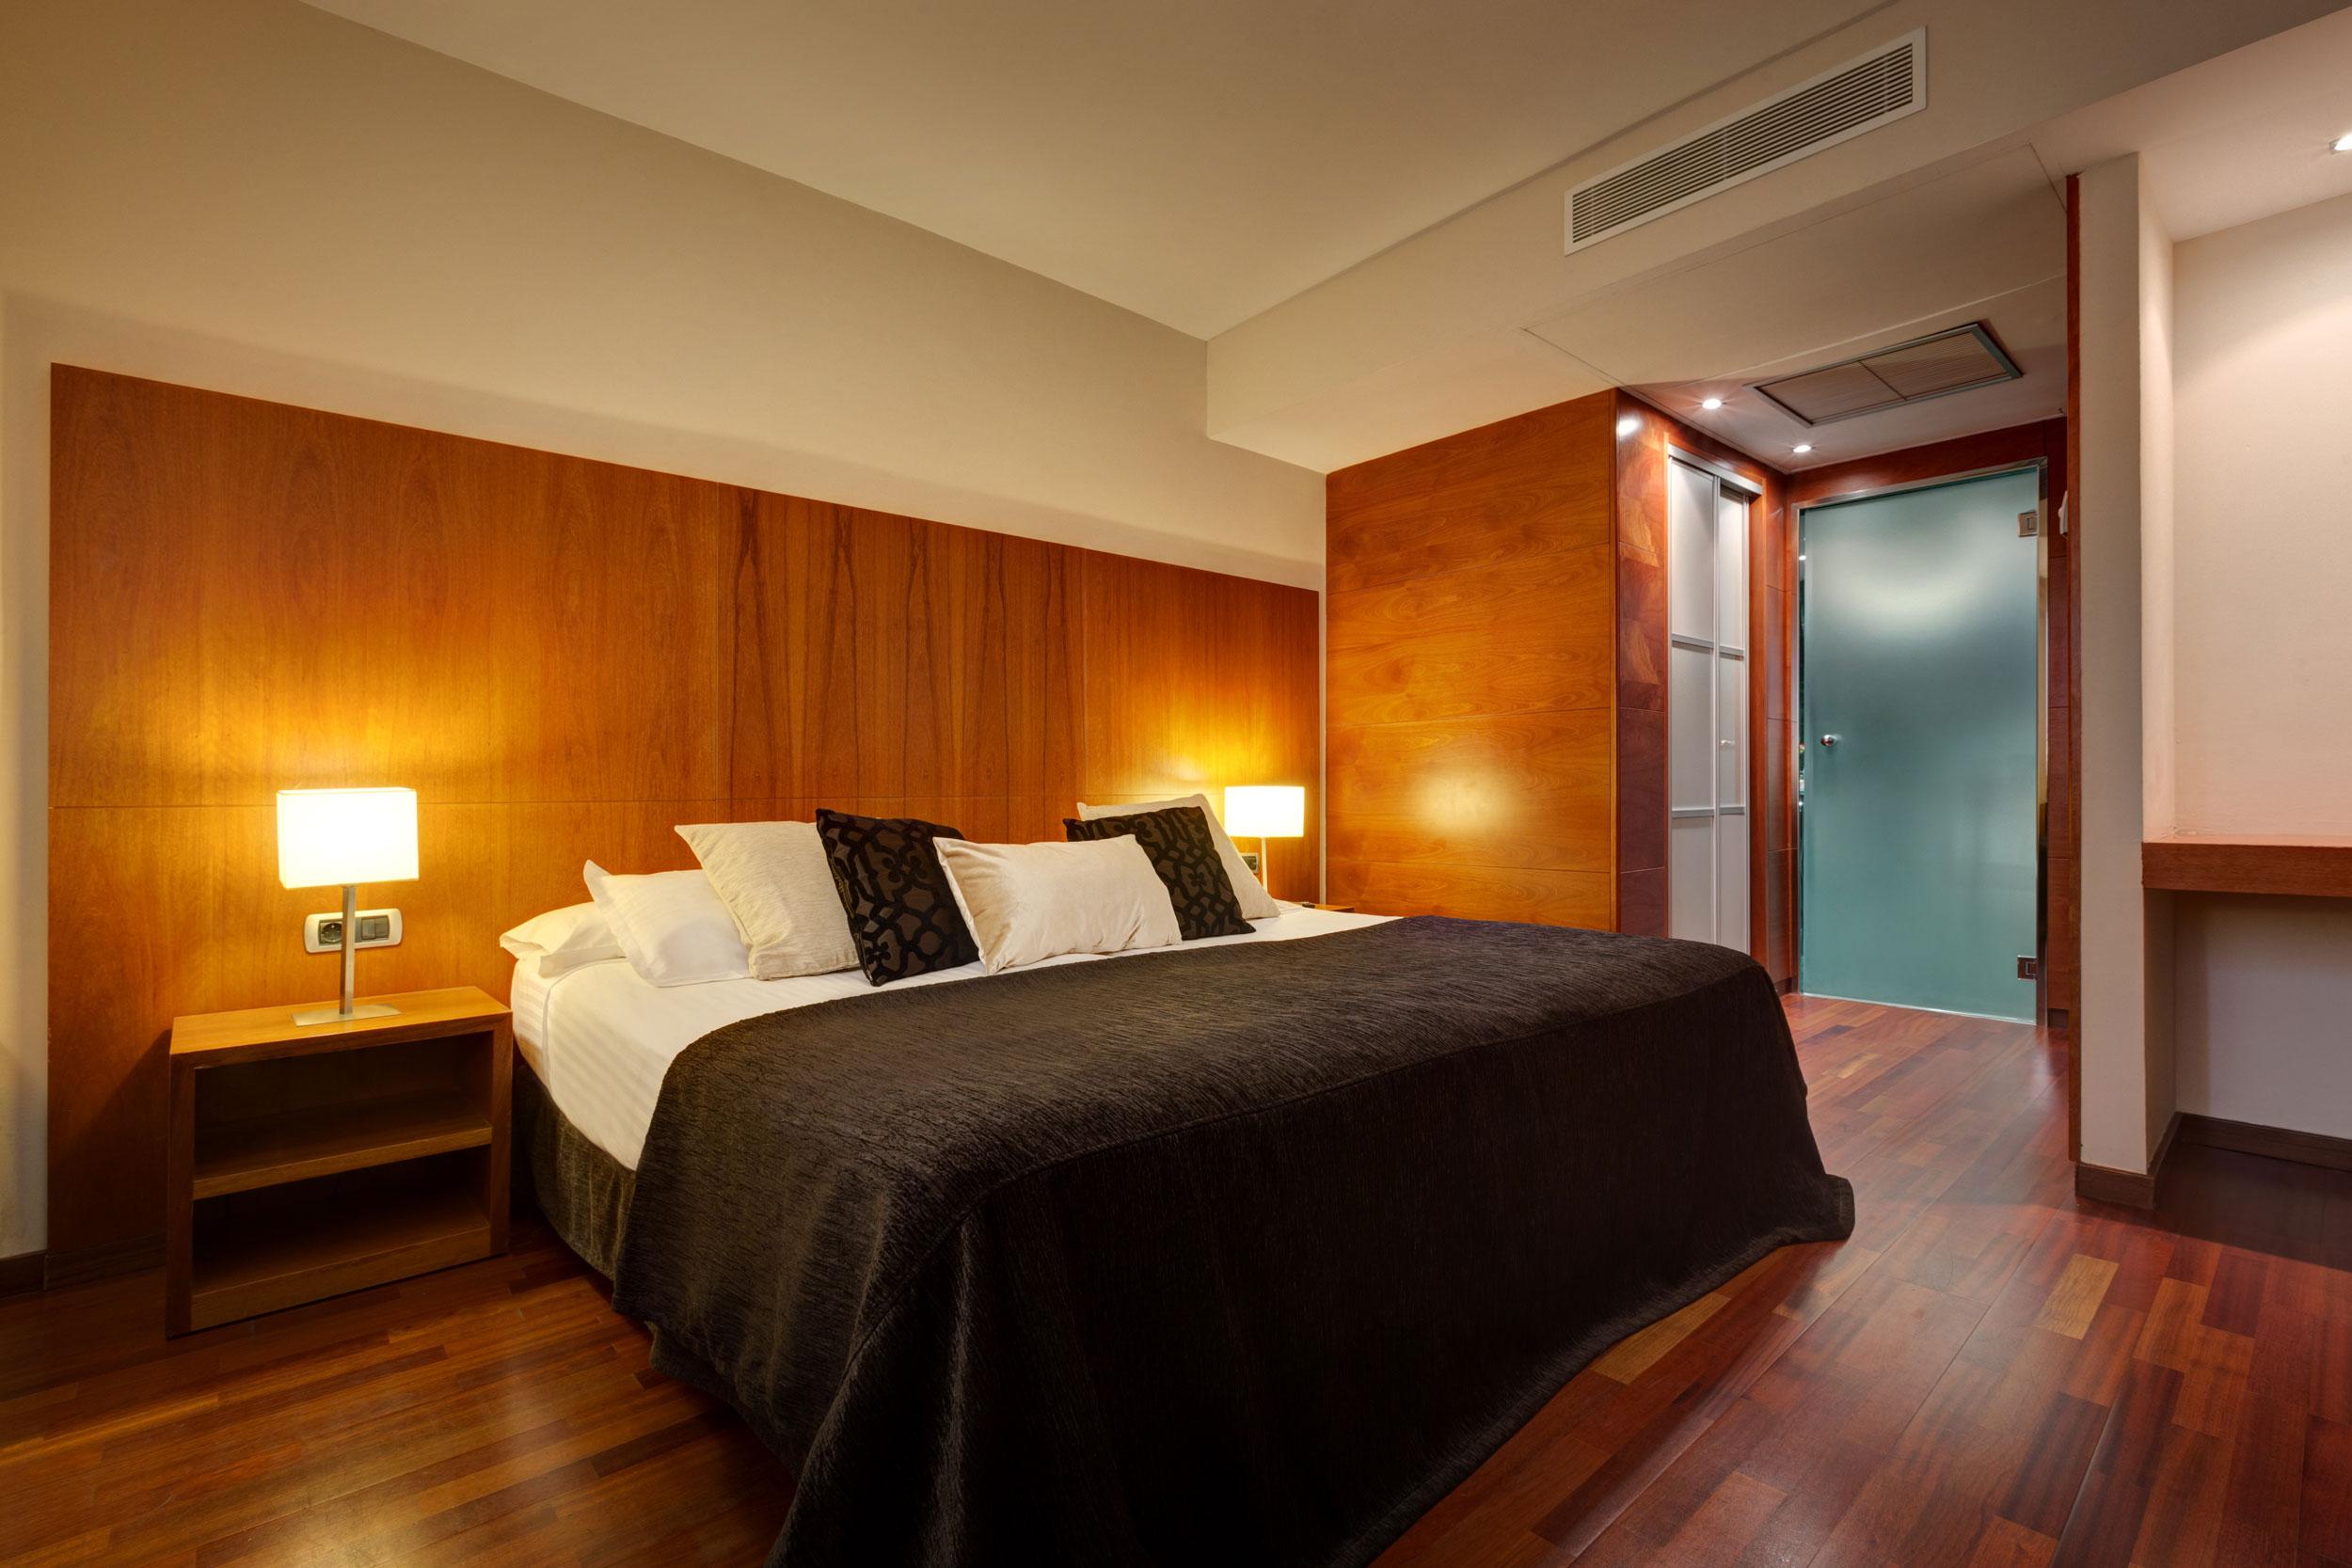 Habitaciones hotel acevi villarroel barcelona for Hotel el familiar